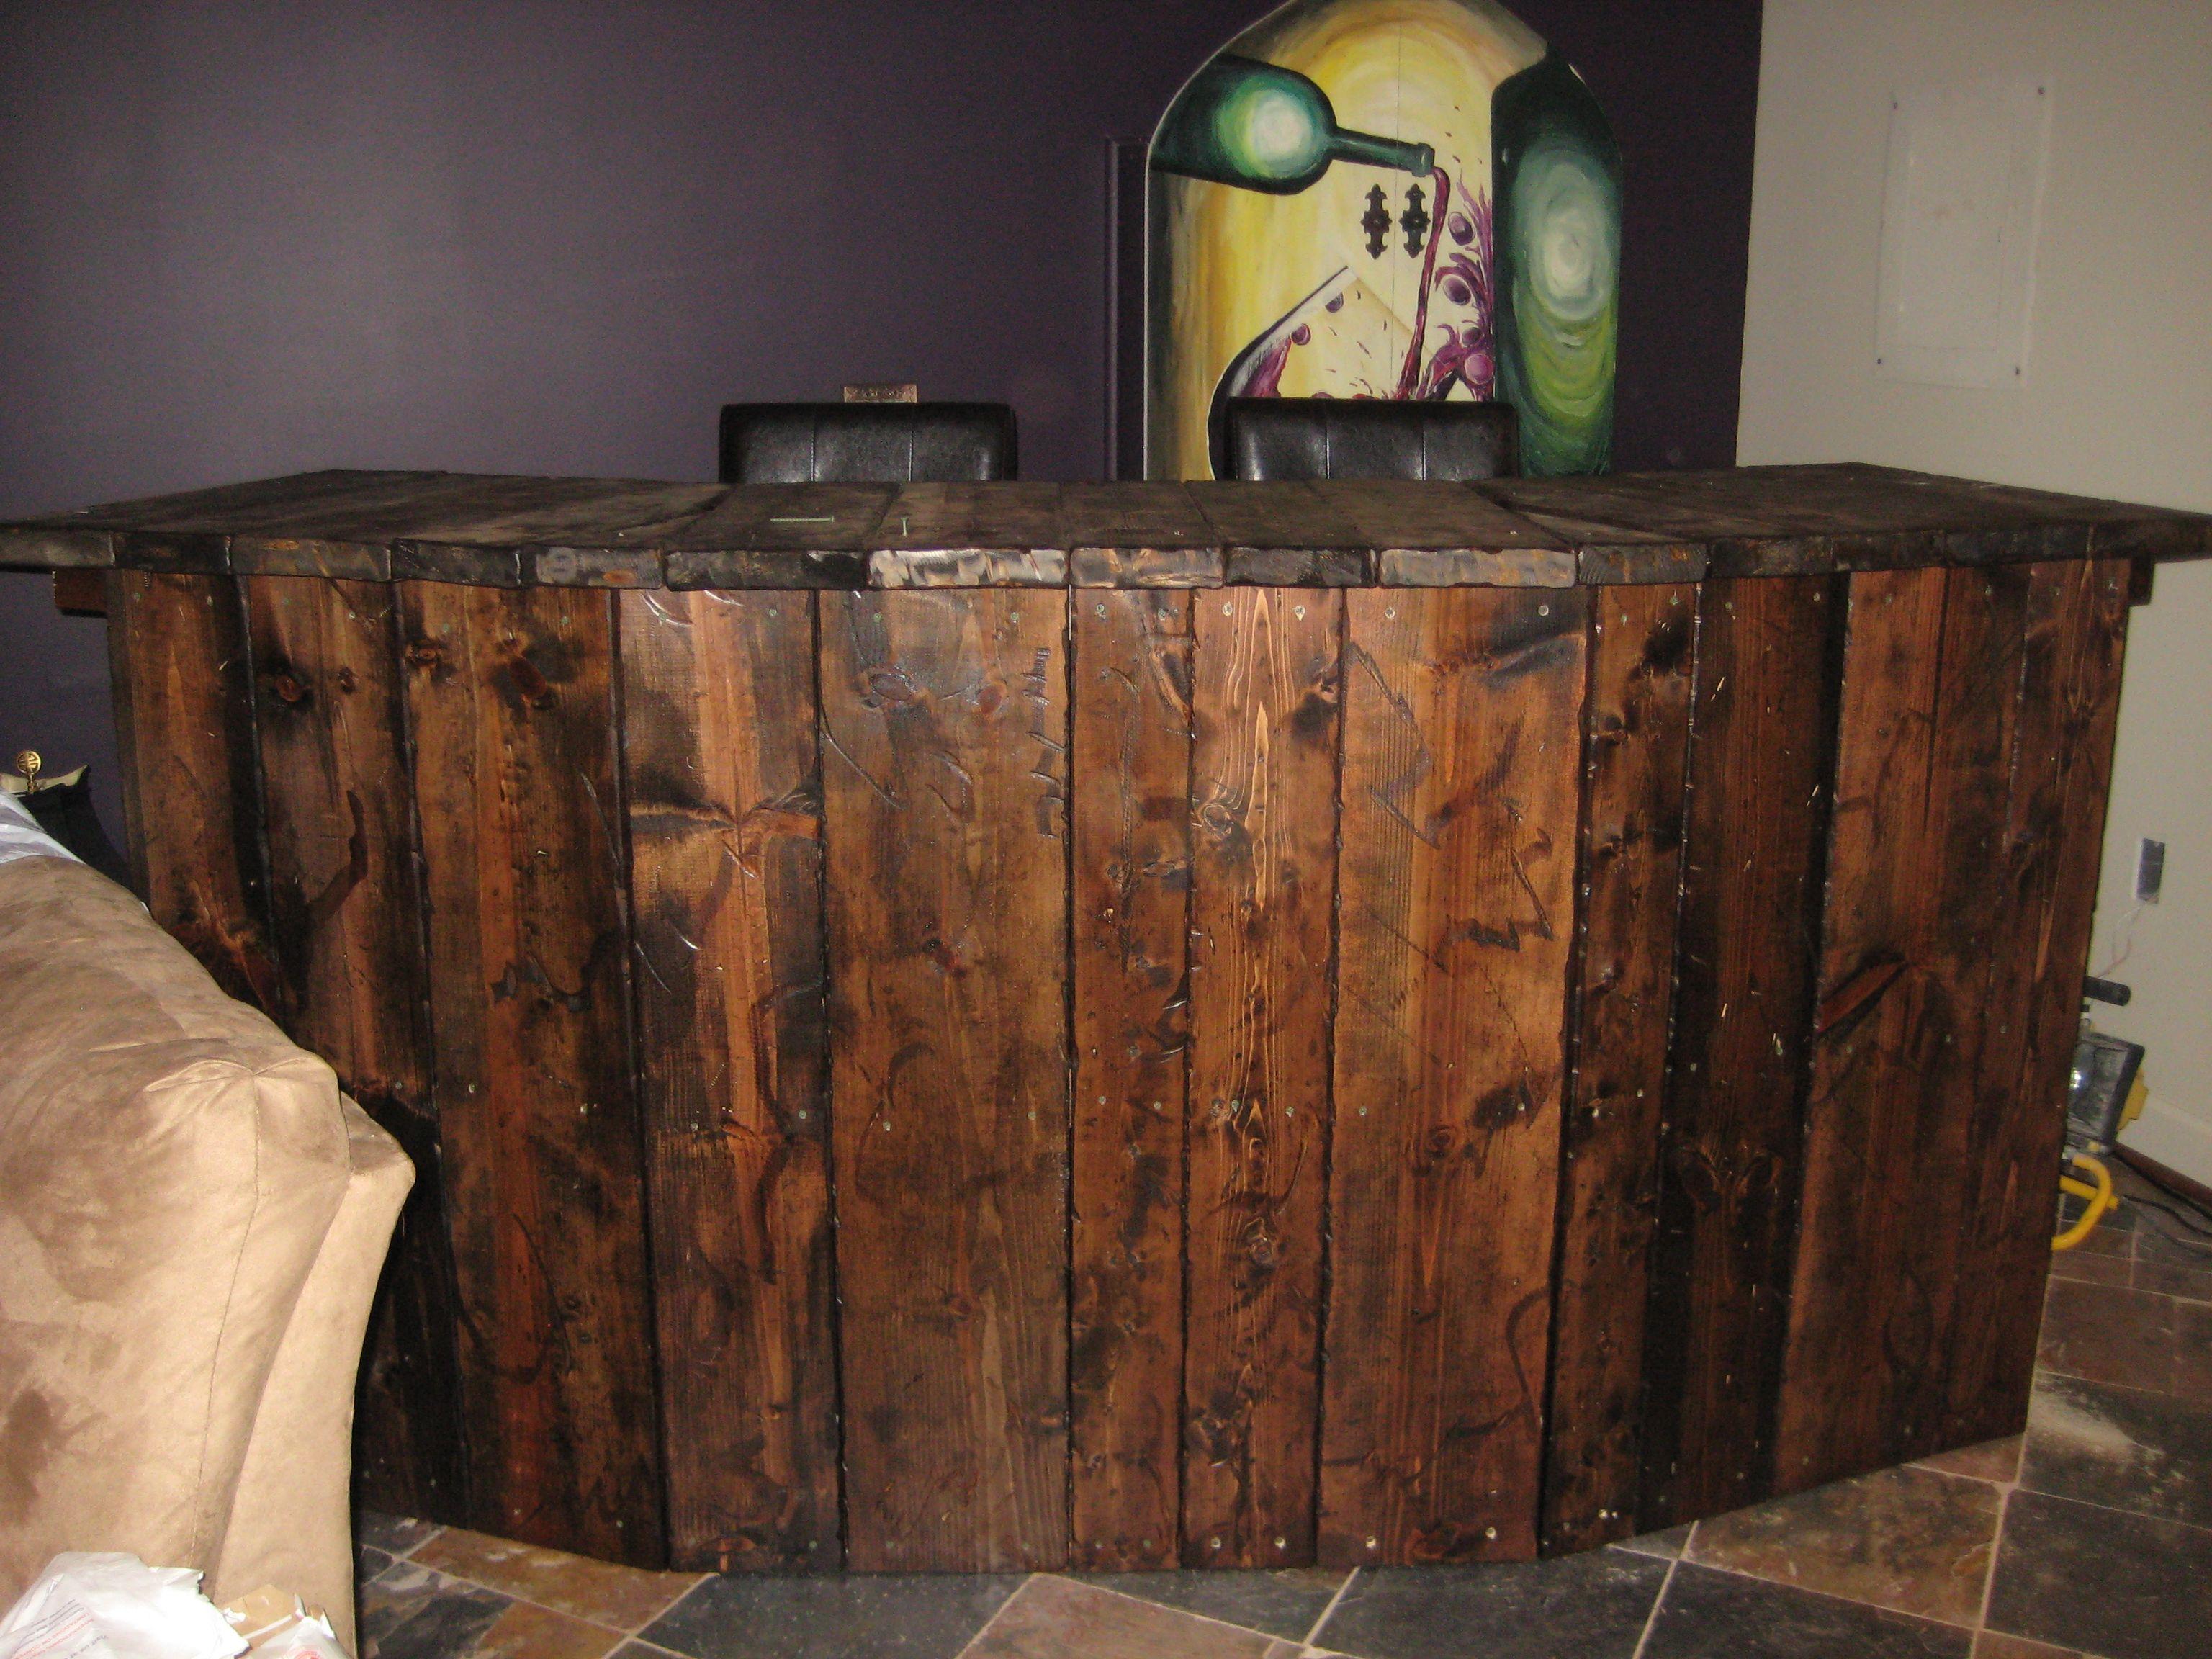 small basement corner bar ideas. Corner Bar. Basement Small Bar Ideas I